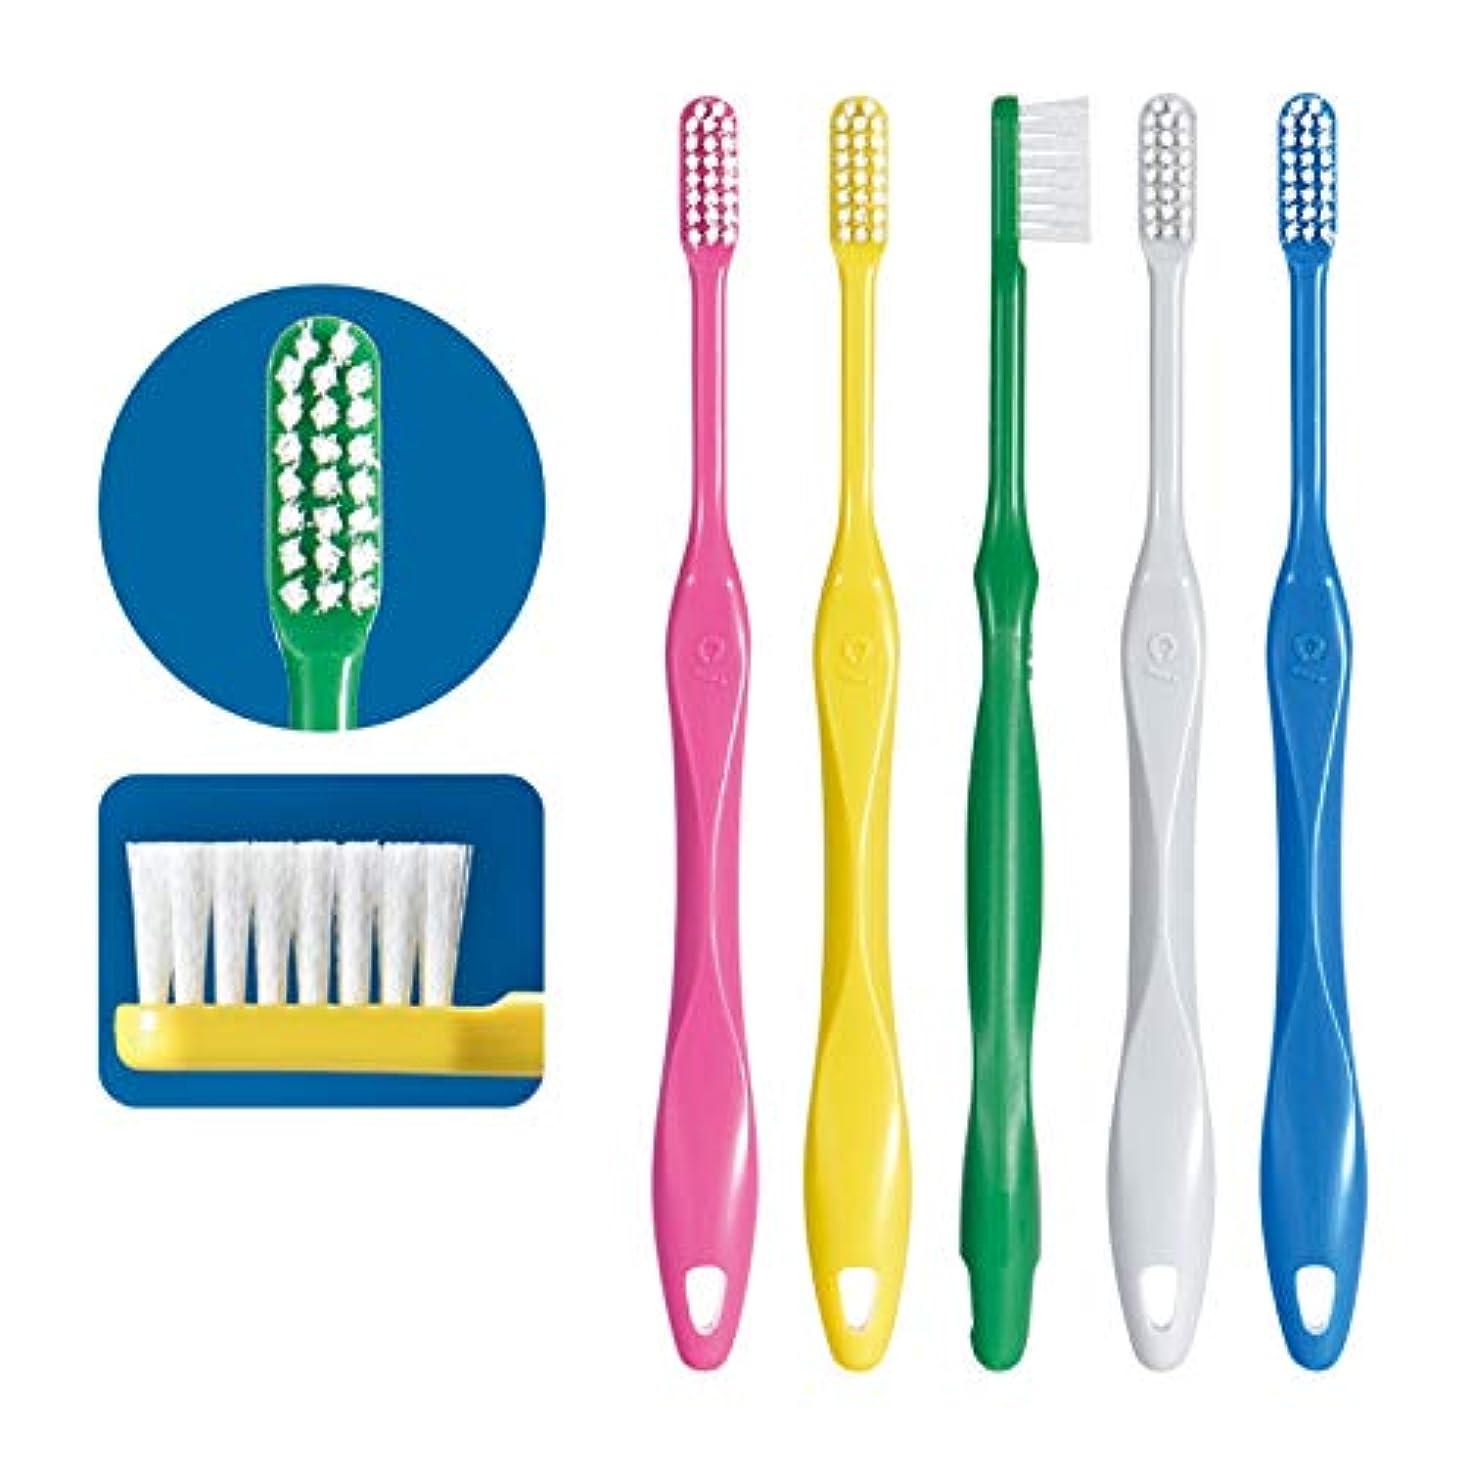 ソブリケット交差点脚本家Ci スマート 歯ブラシ 20本 S(やわらかめ) 日本製 大人用歯ブラシ 歯科専売品